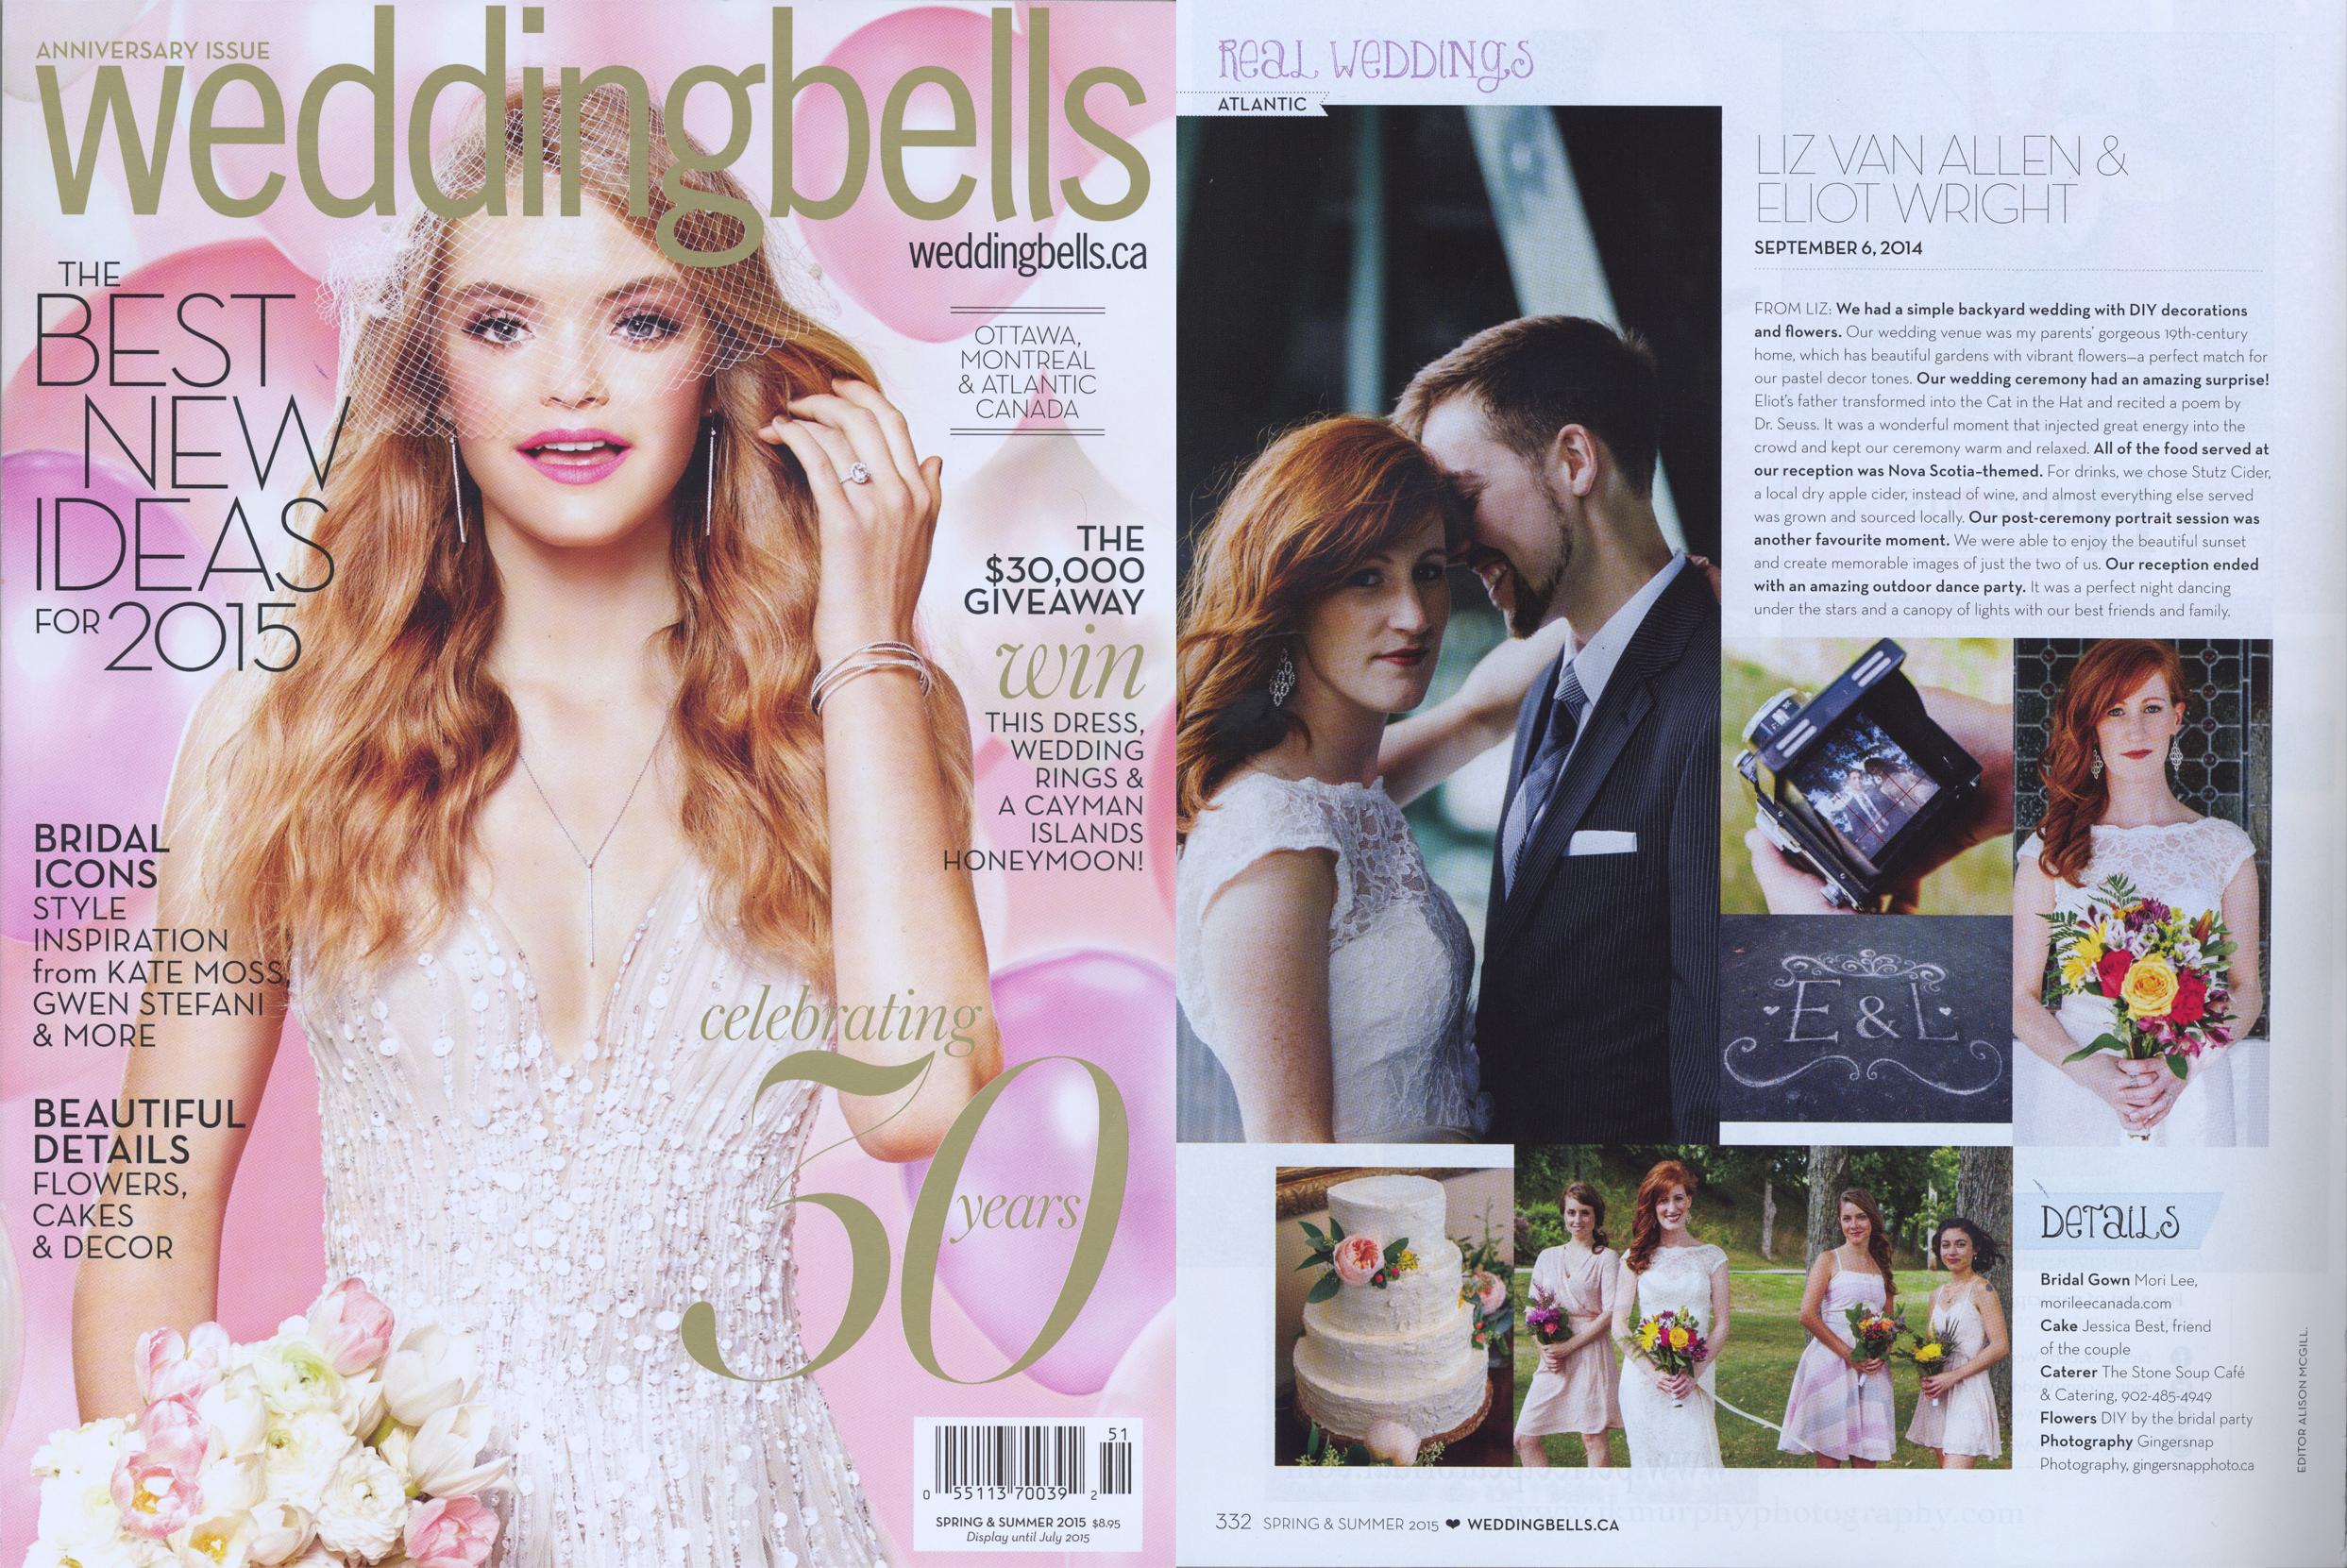 weddingbellsfeature copy.jpg